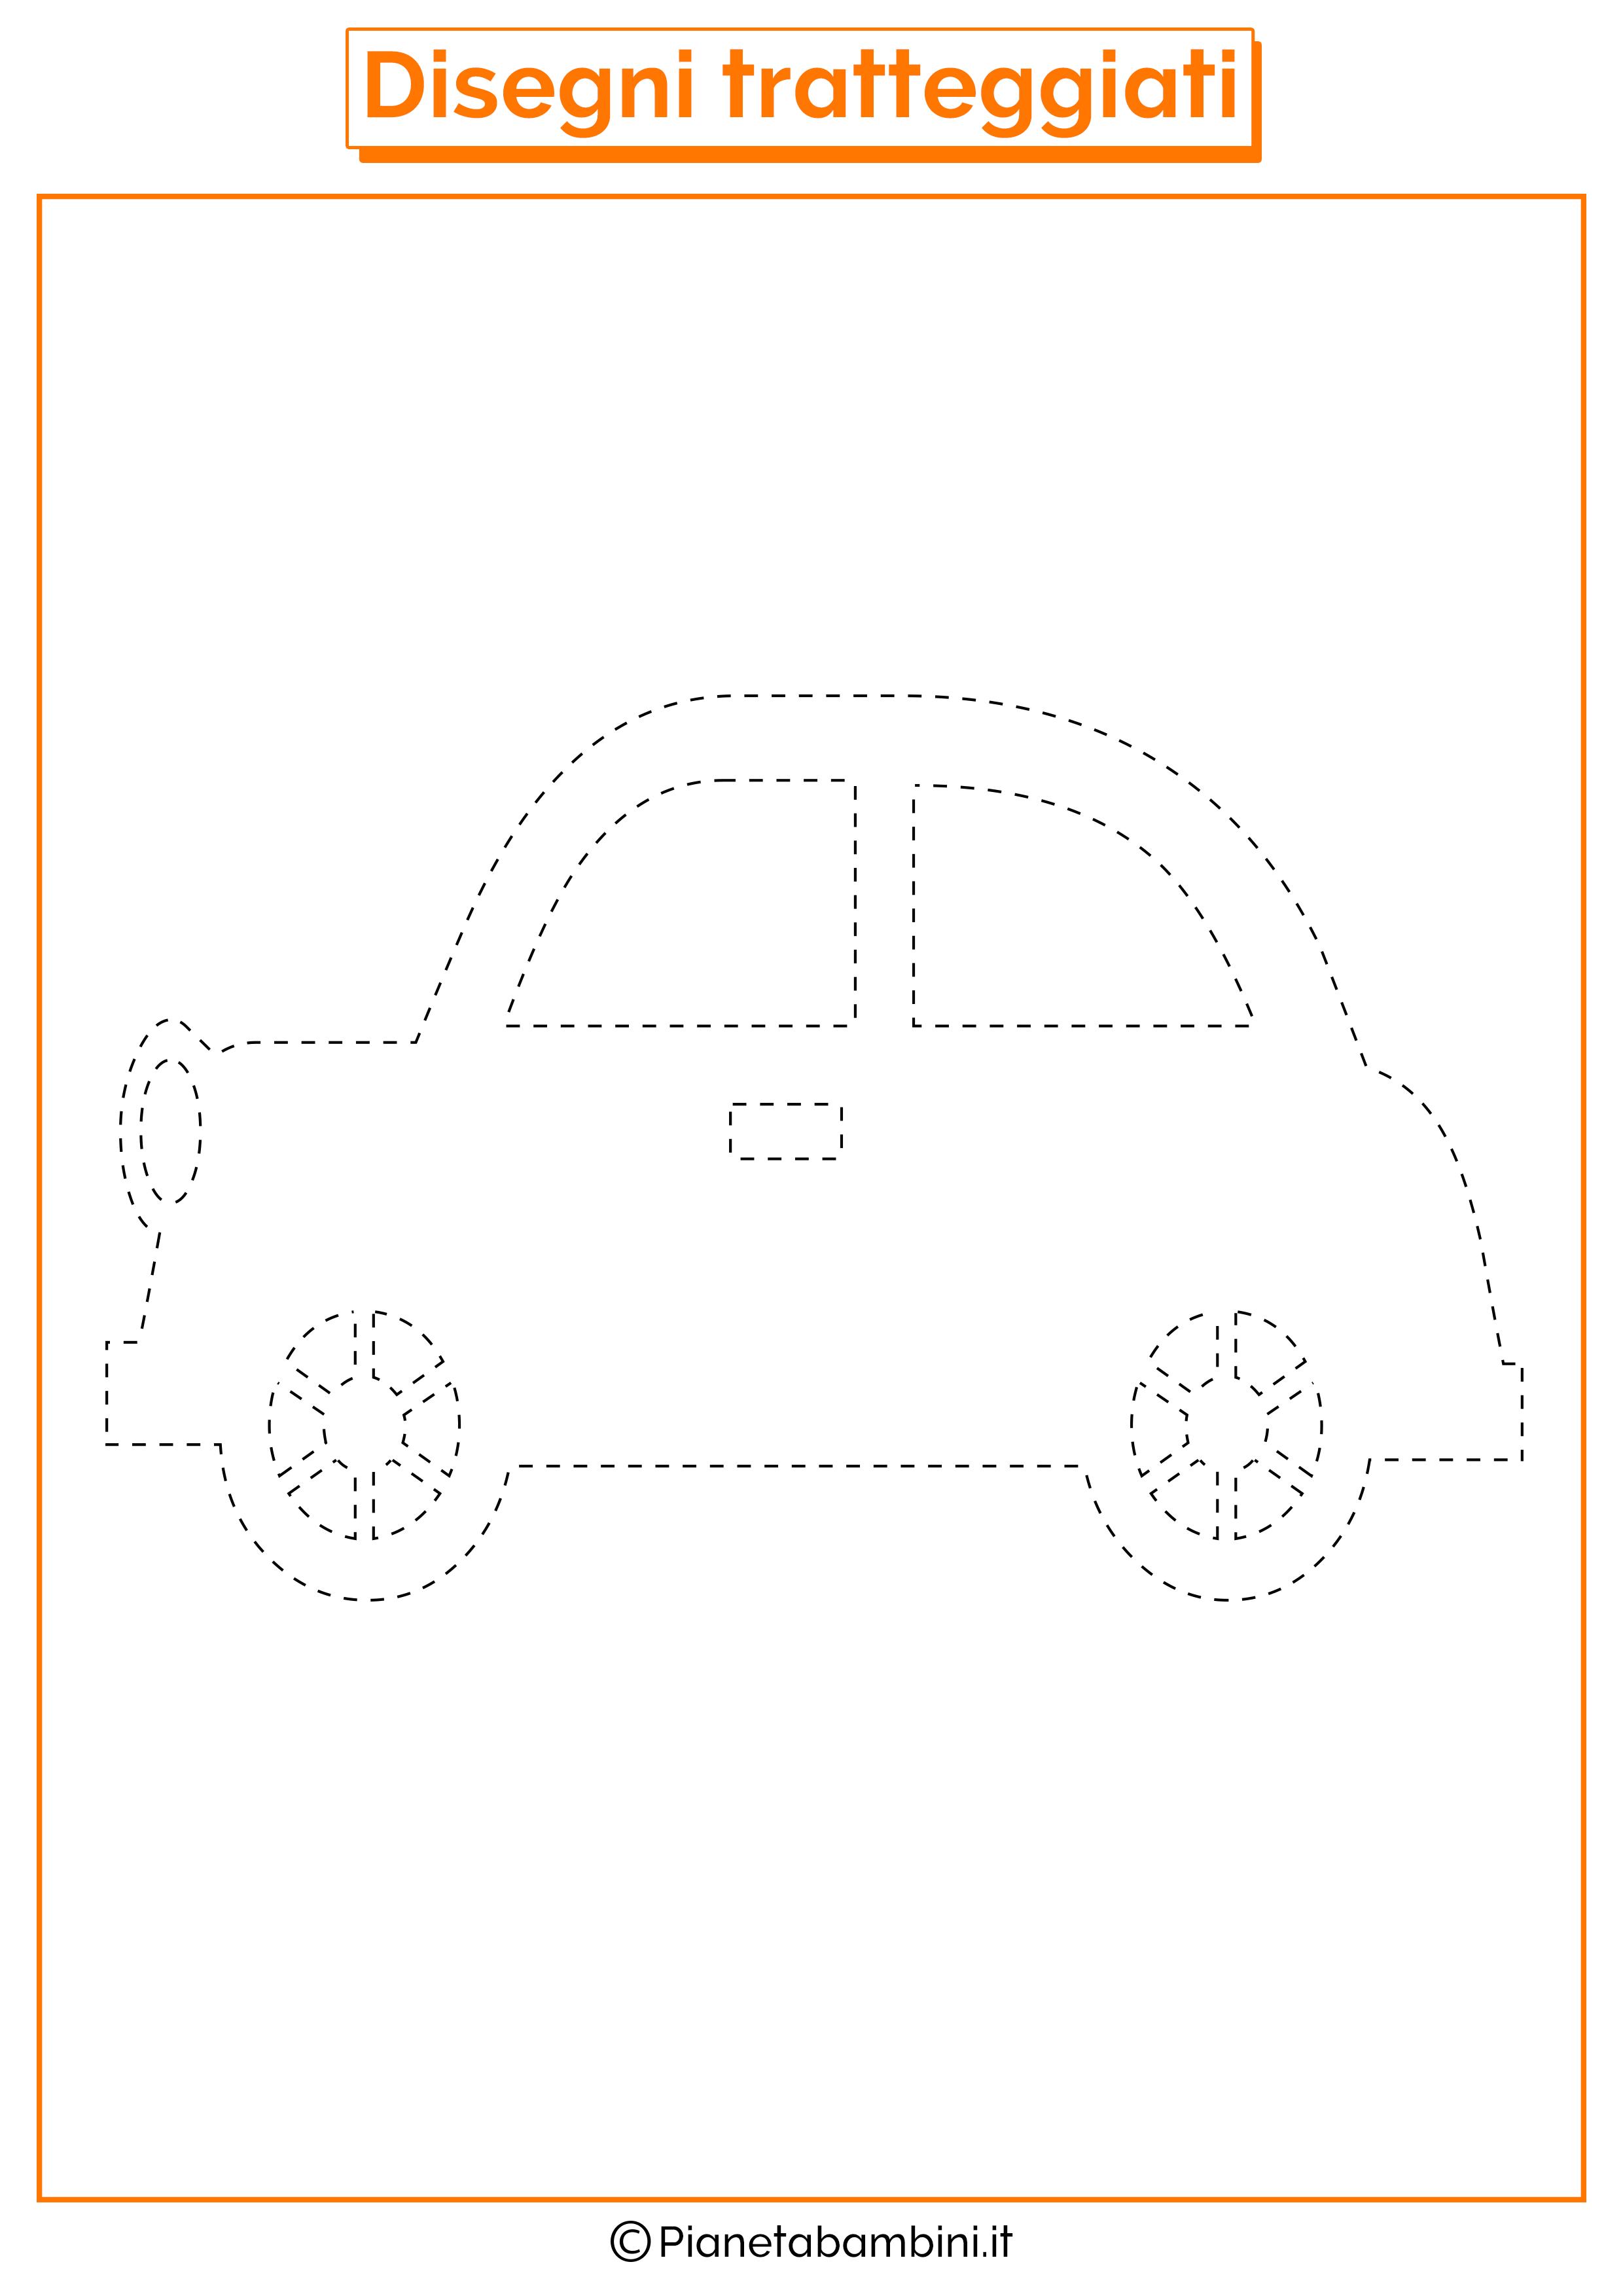 Disegni-Tratteggiati-Automobile